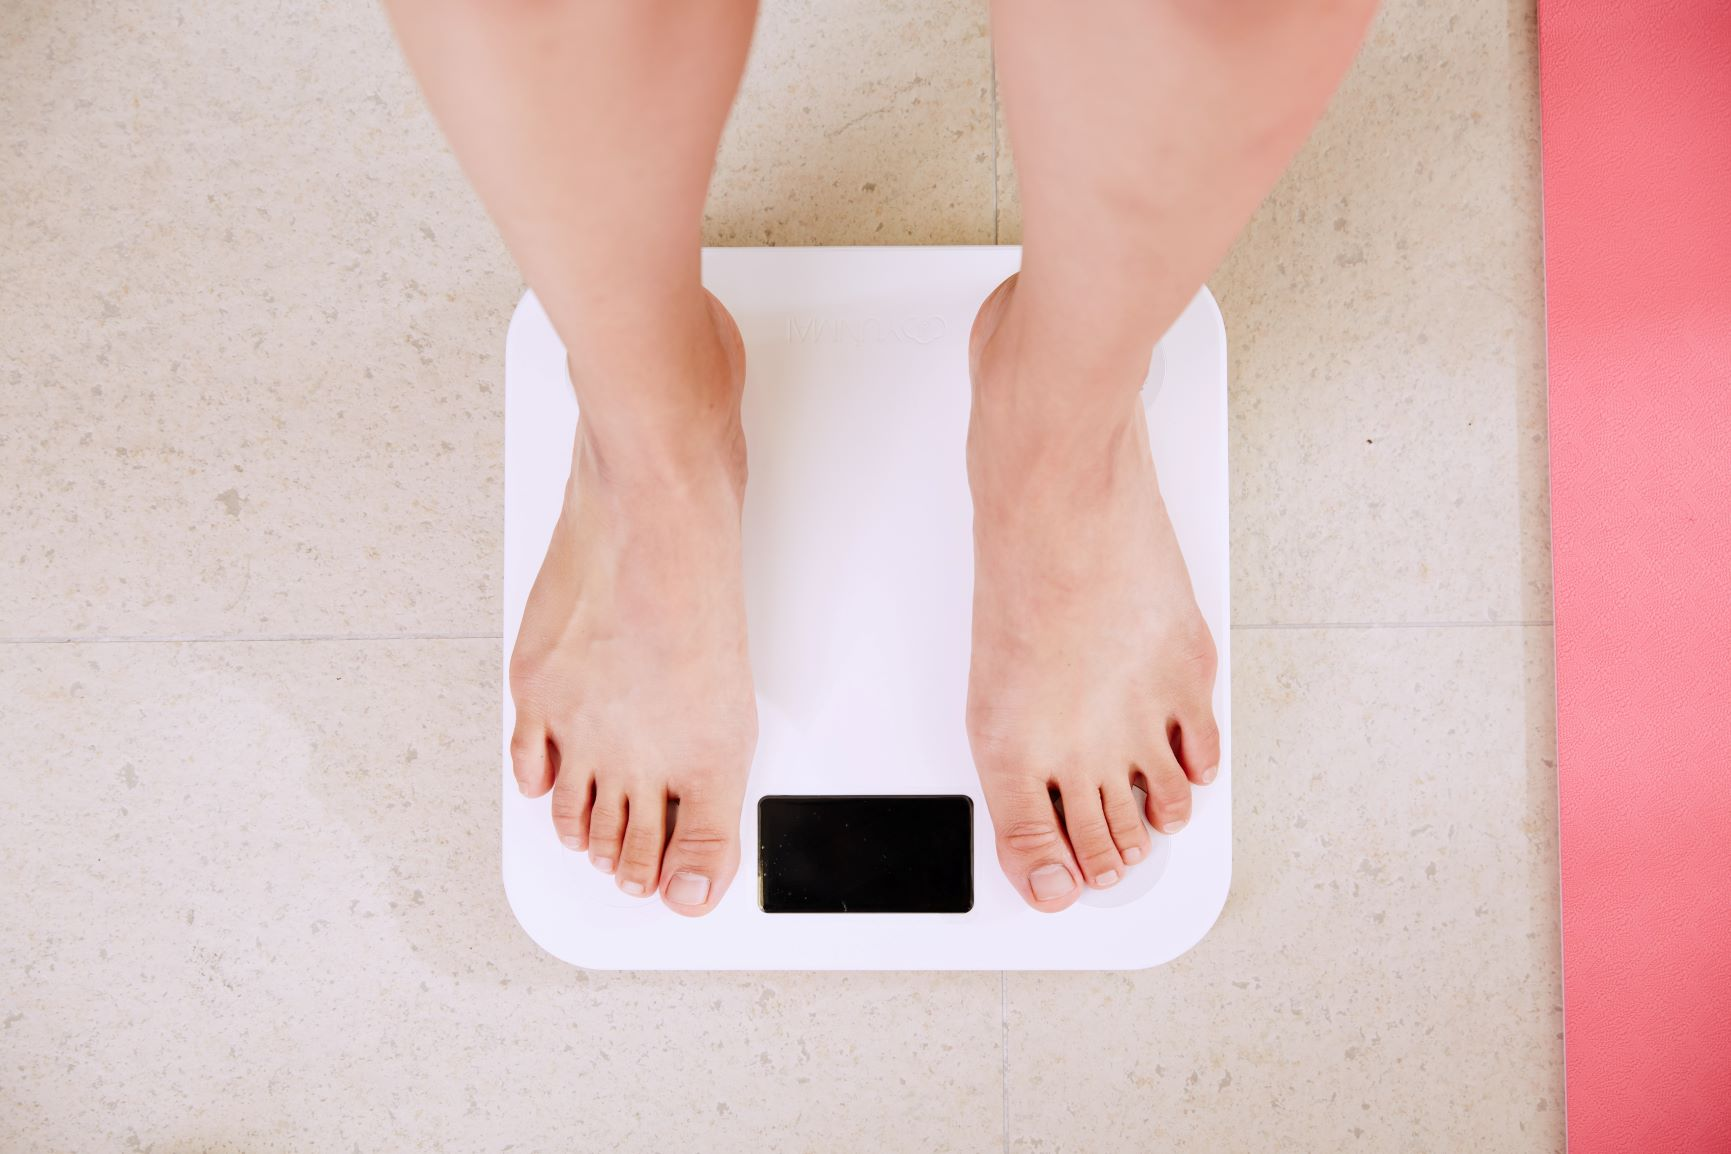 Ik val niet af ondanks dieet!